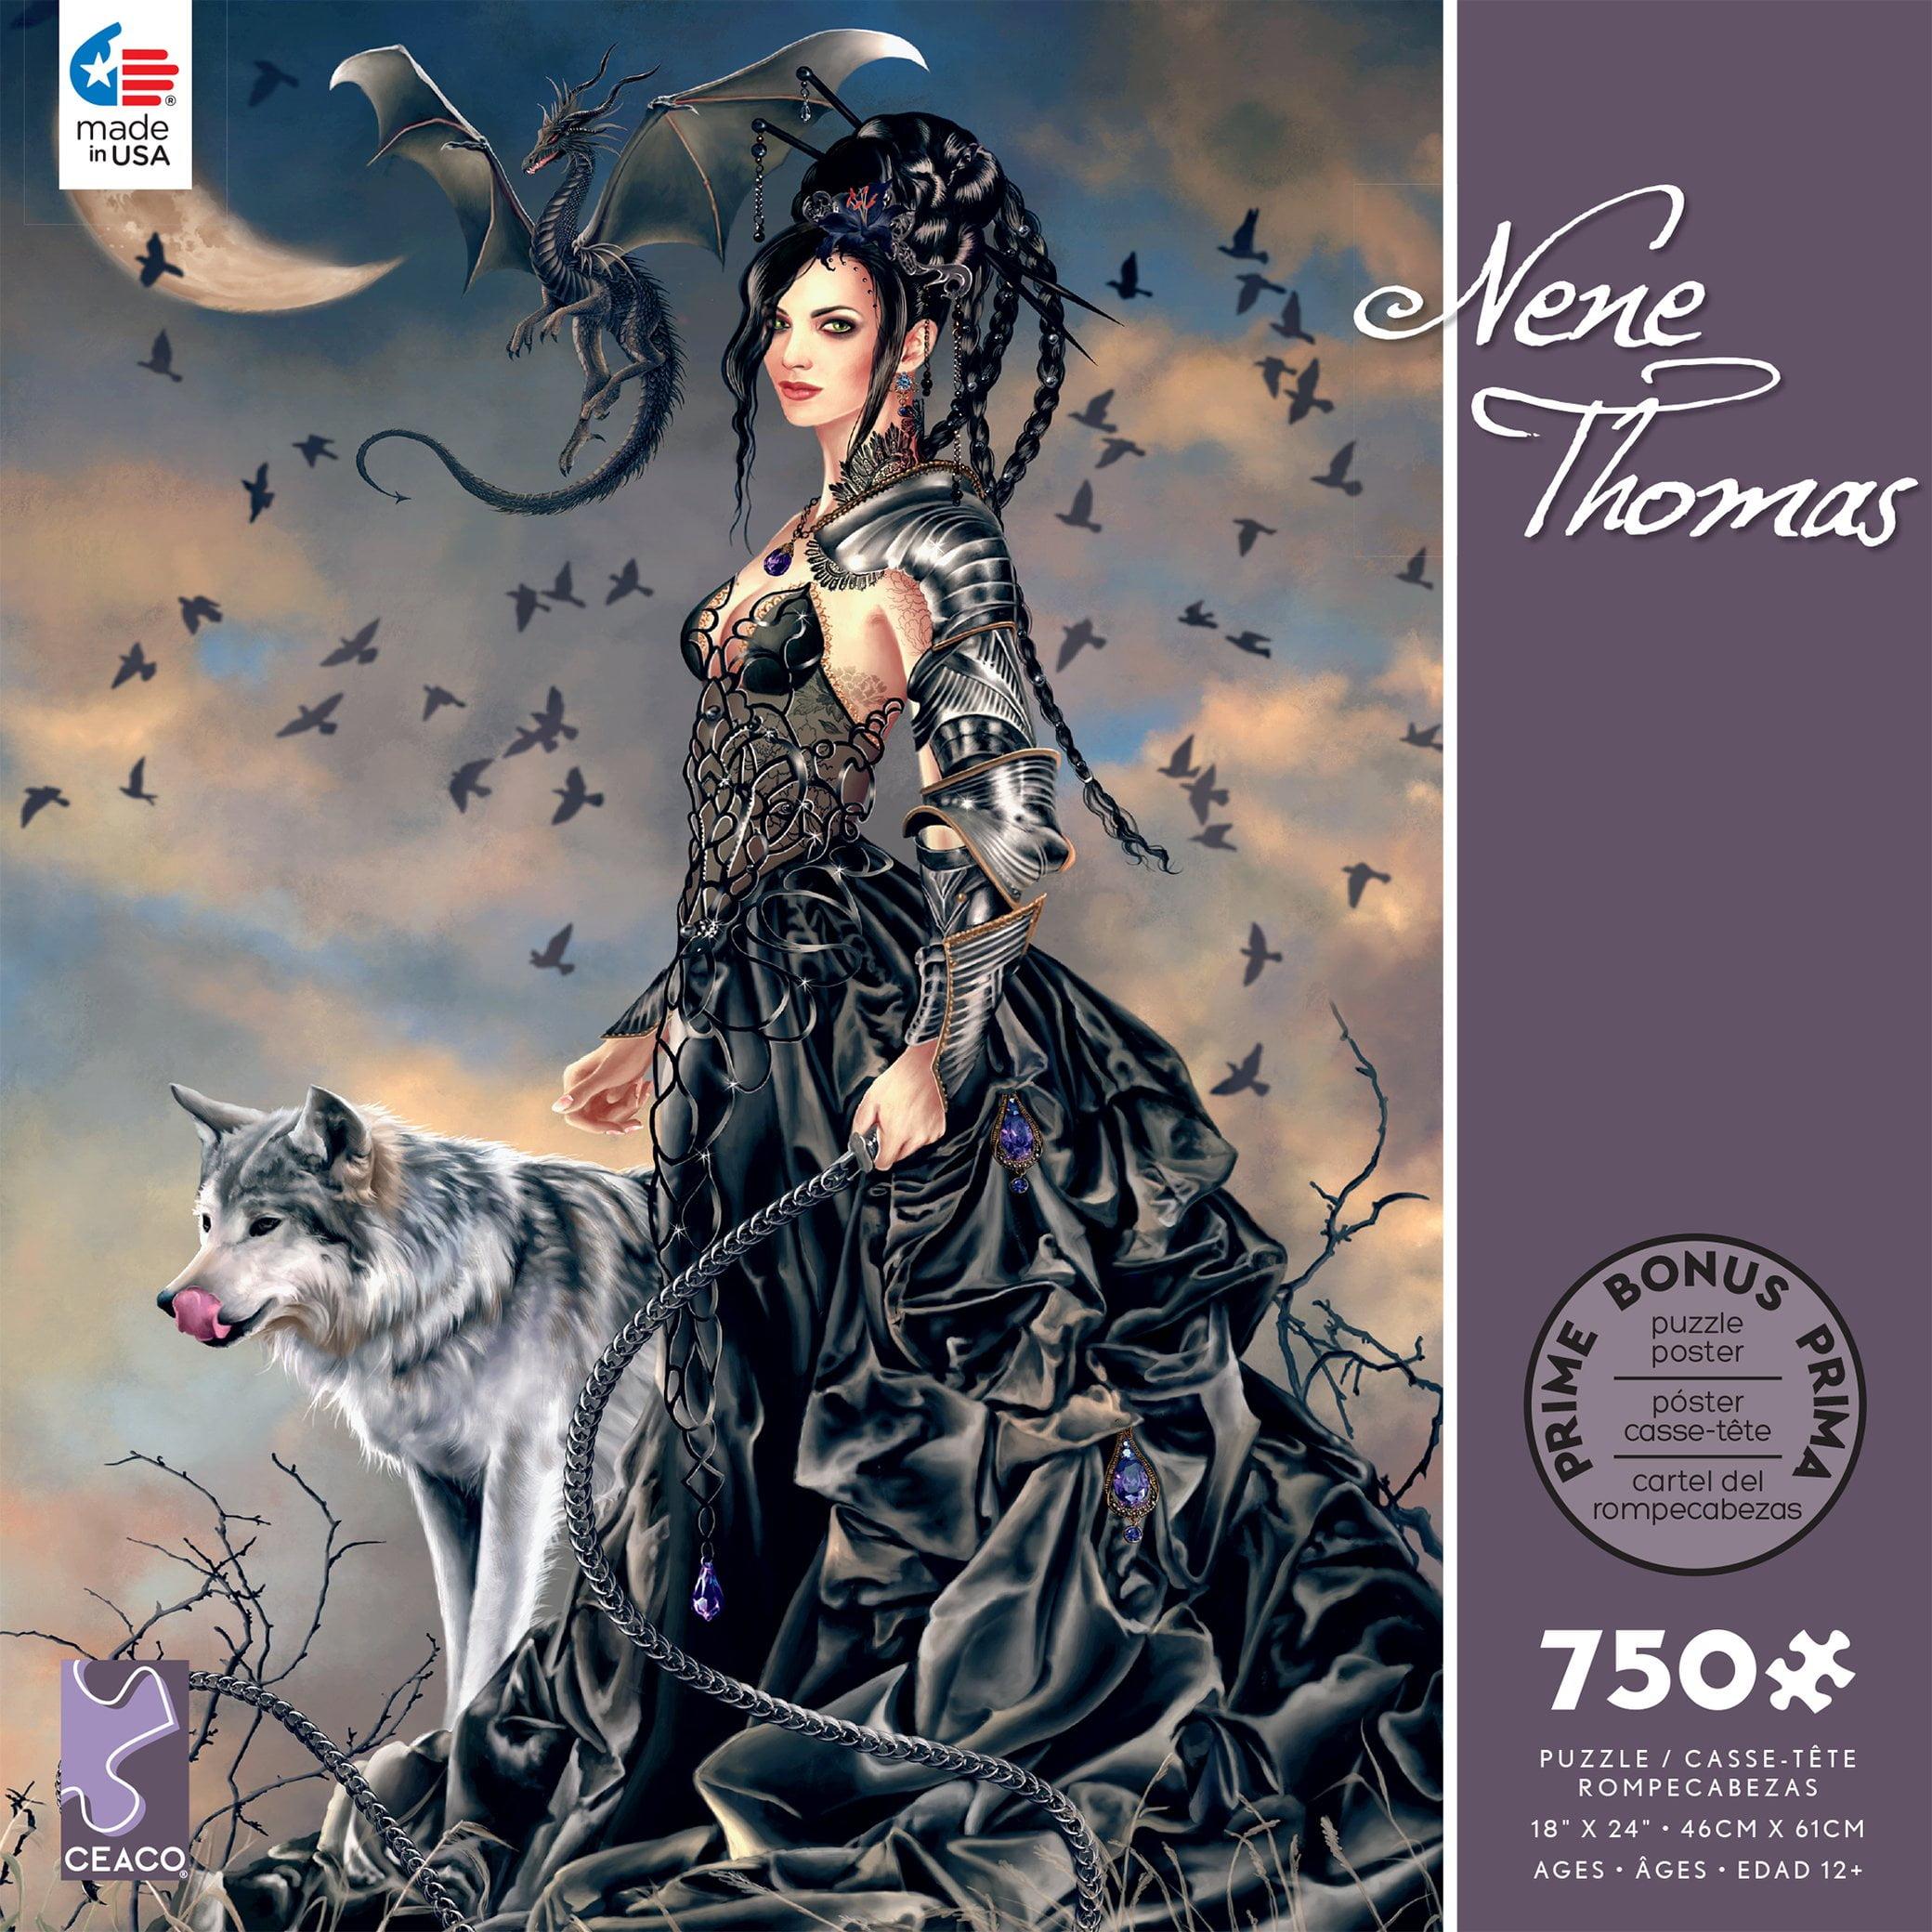 Nene Thomas Bella 750 Piece Ceaco Puzzle